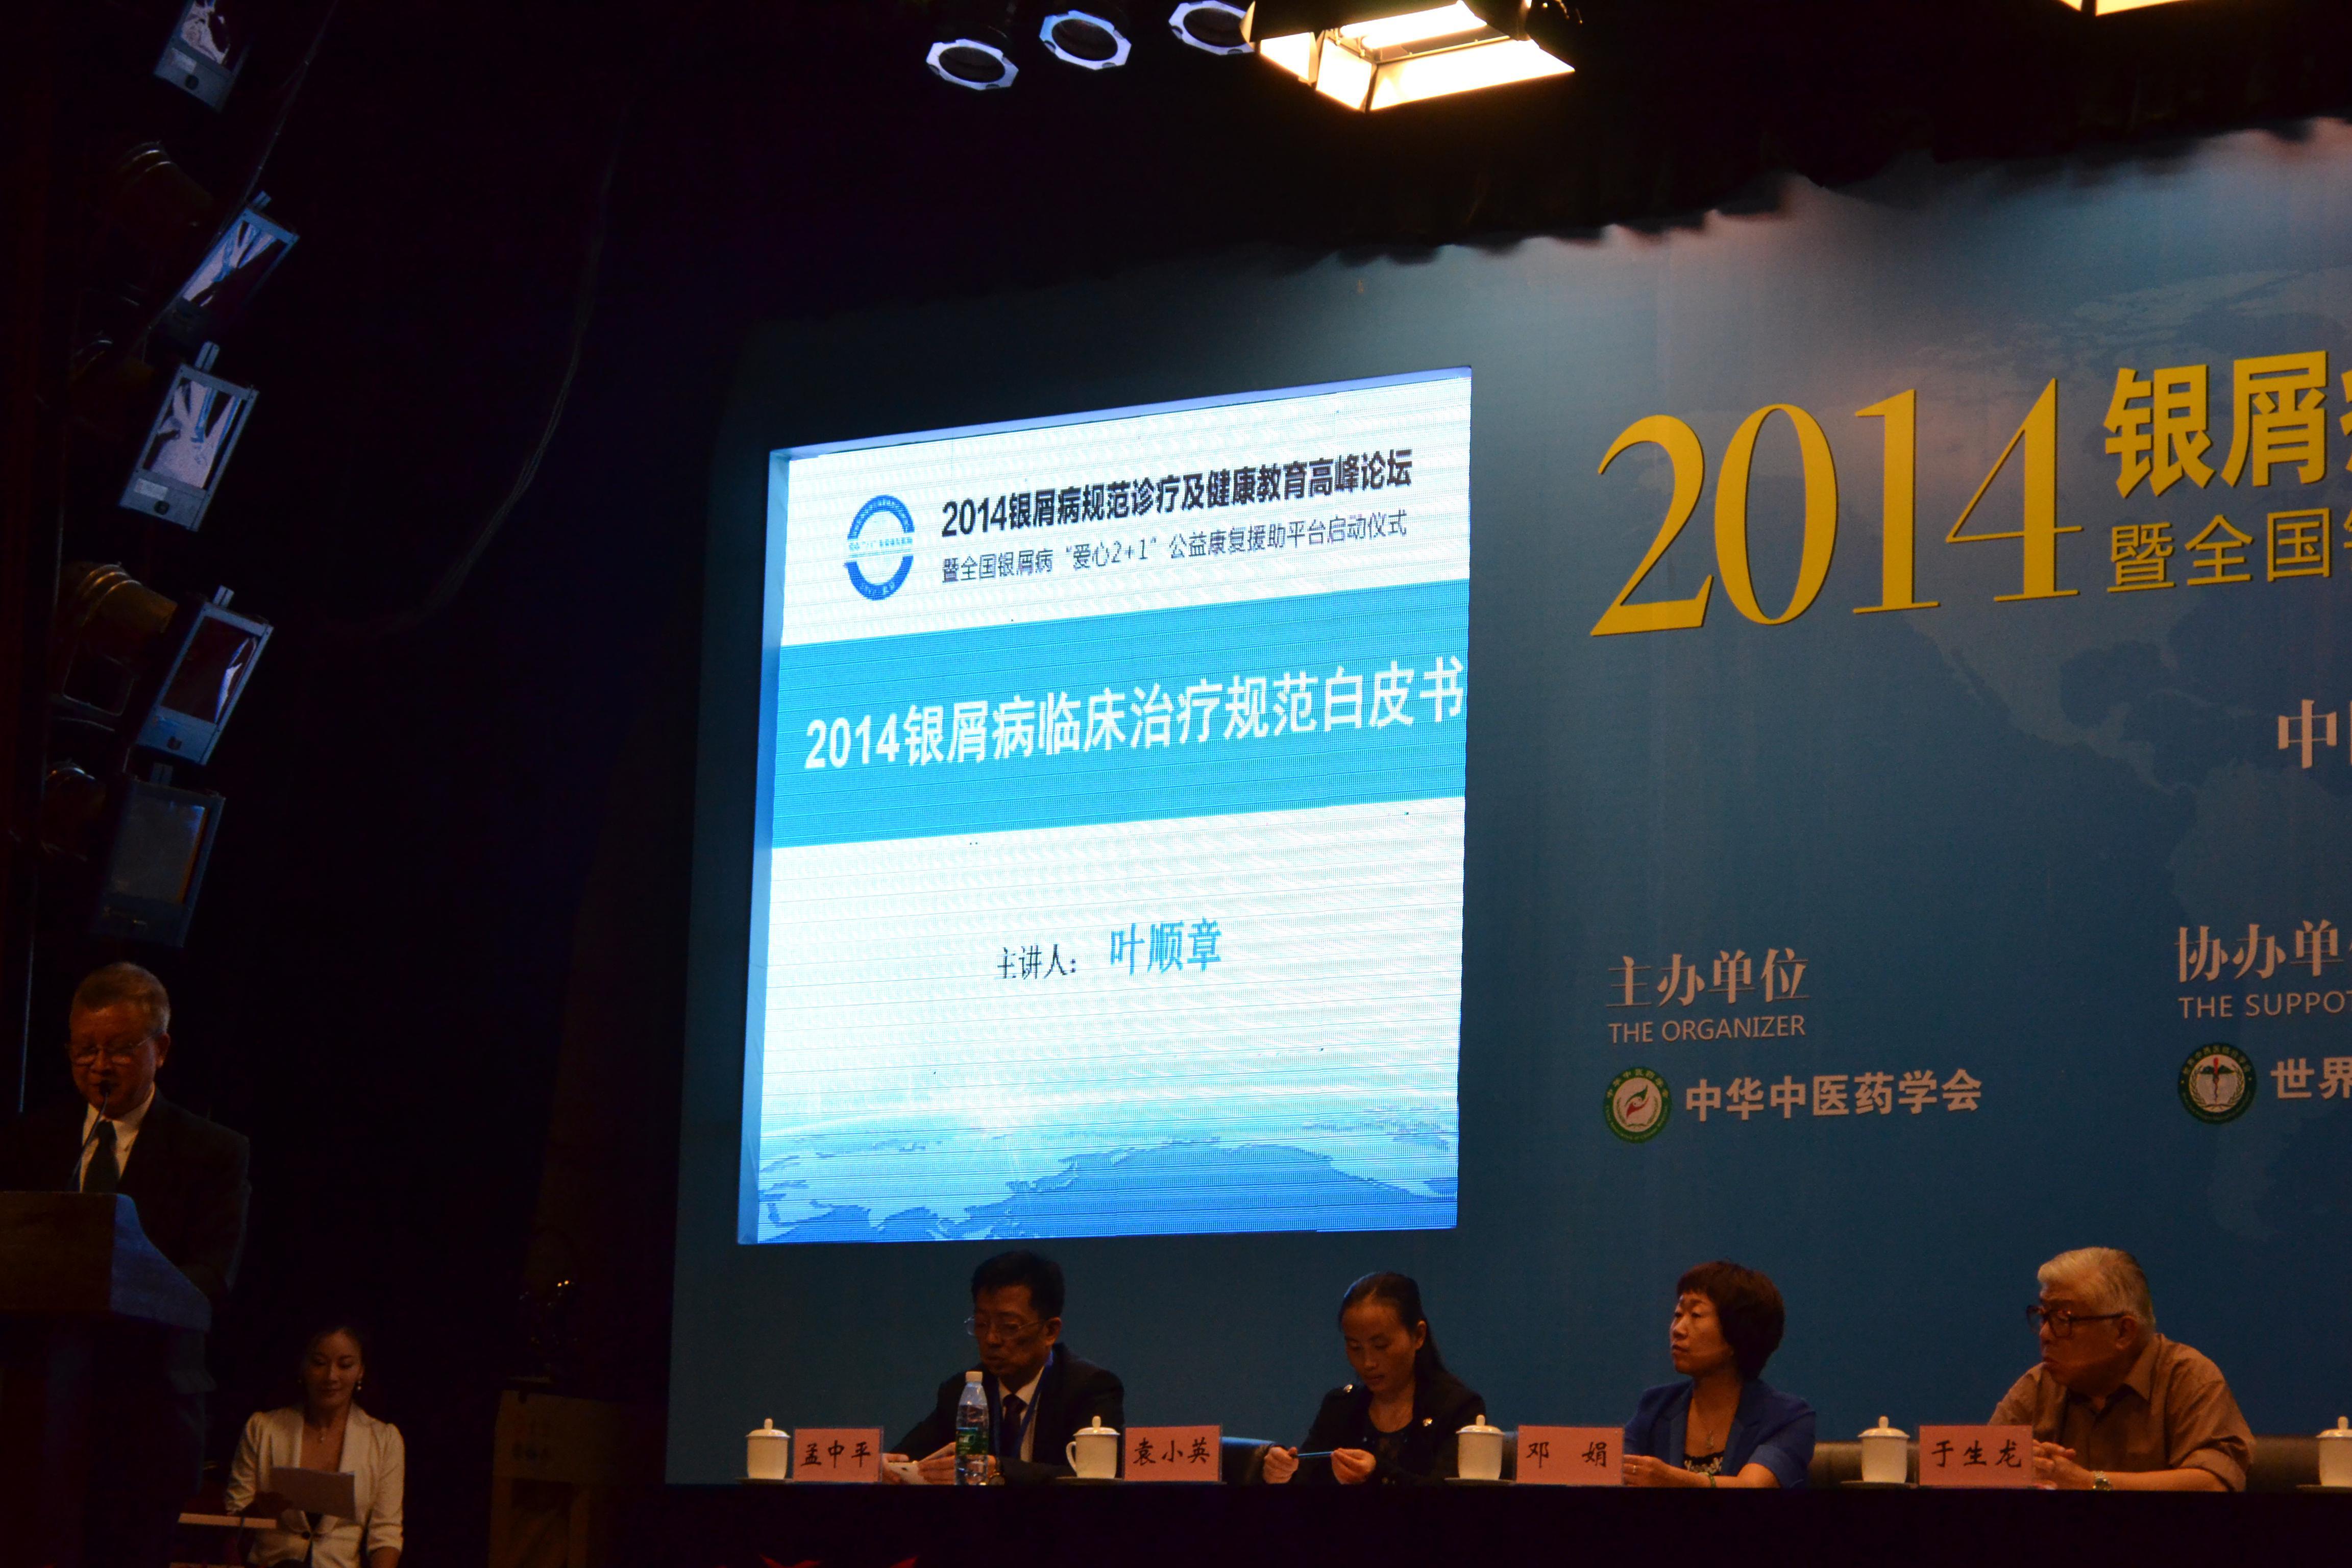 2014银屑病规范诊疗大会权威发布《银屑病临床治疗规范白皮书》